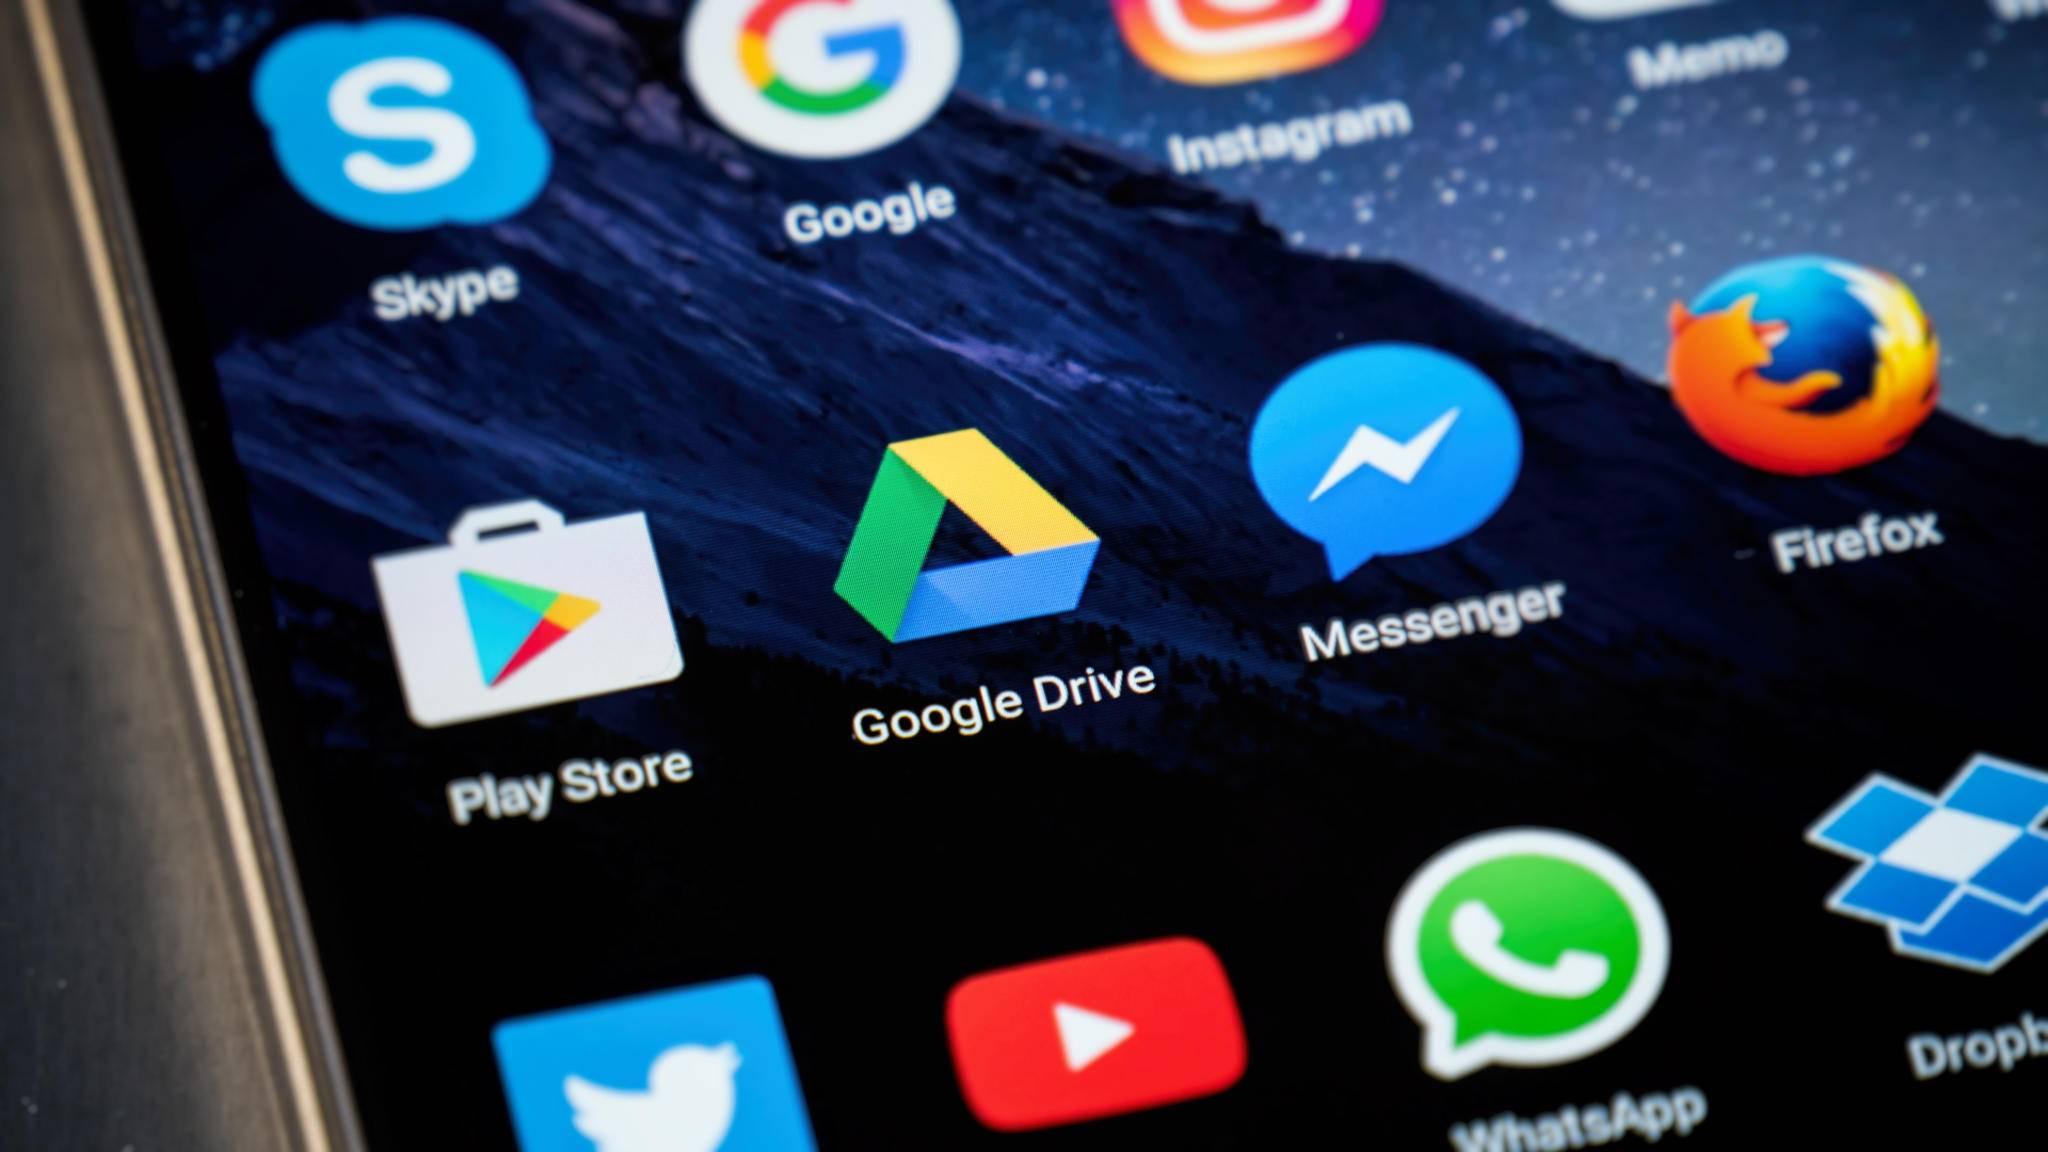 Google verabschiedet sich von Drive